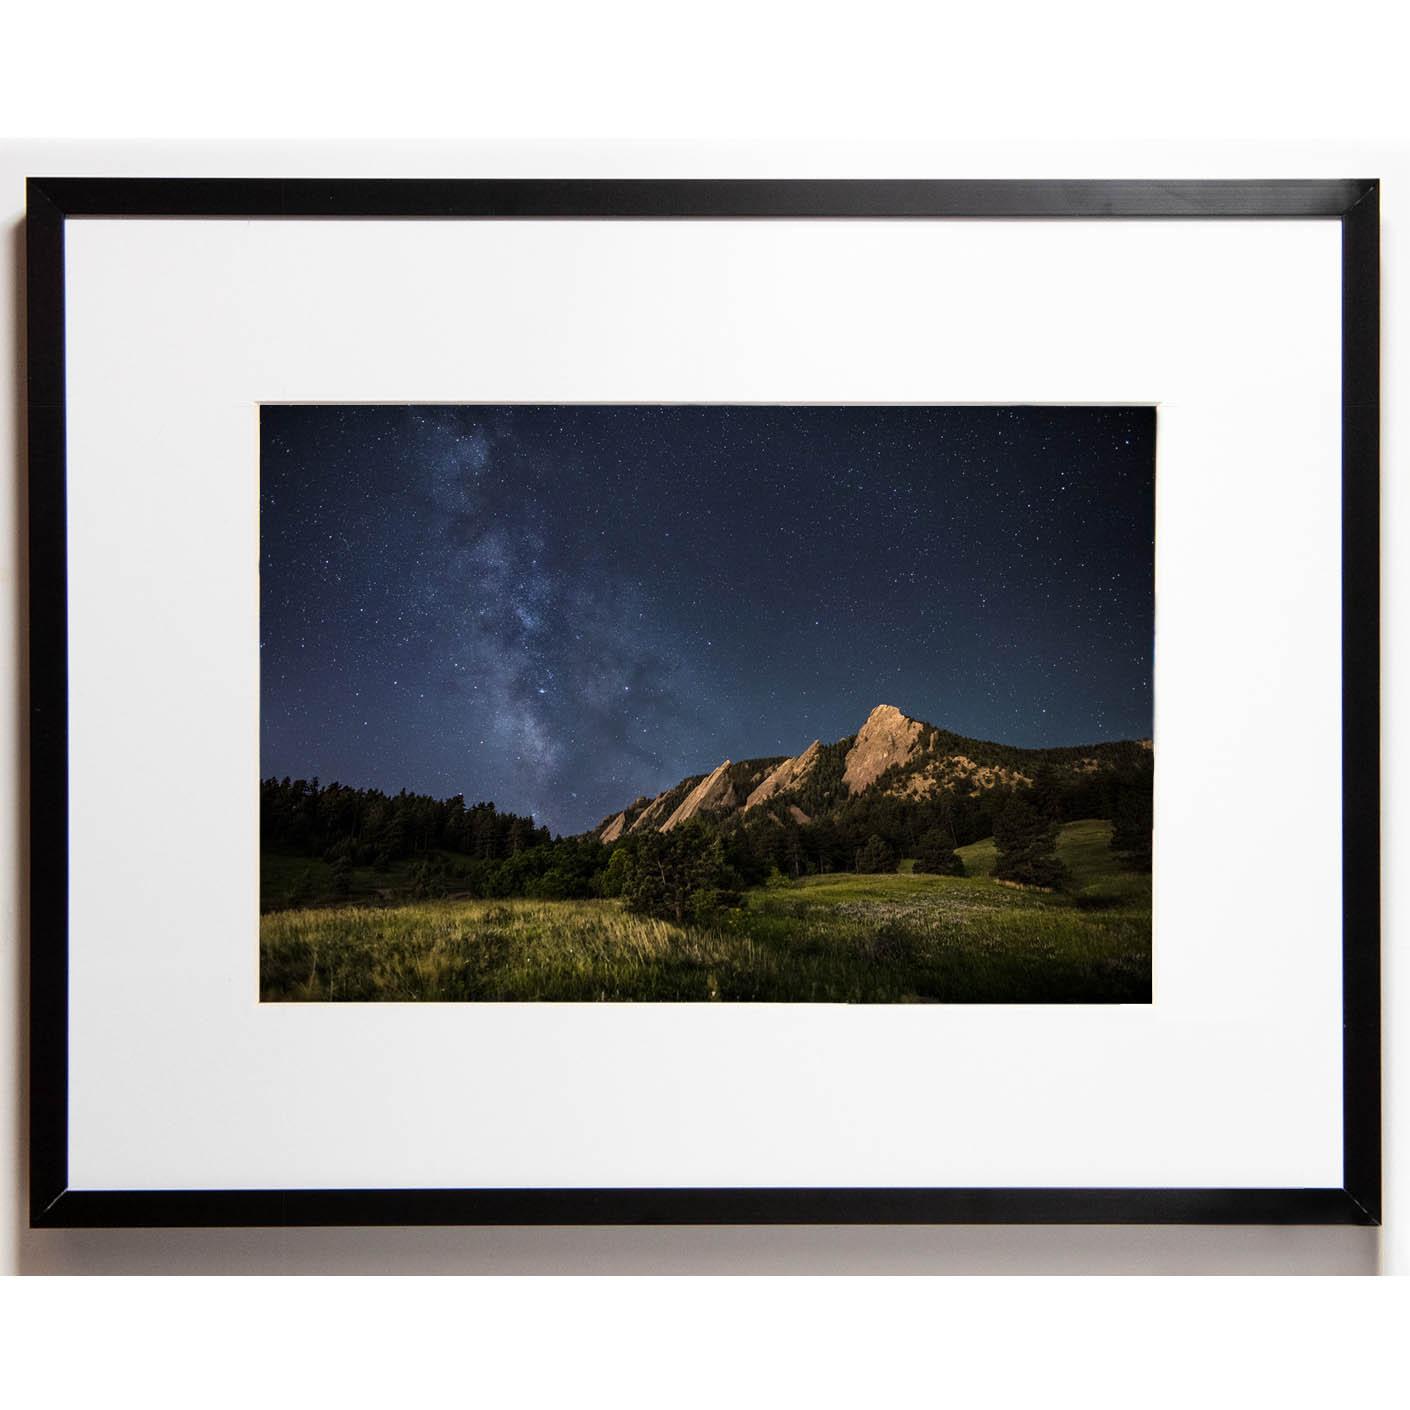 Cullis 8x12 framed - Flatiron Milky Way cropped